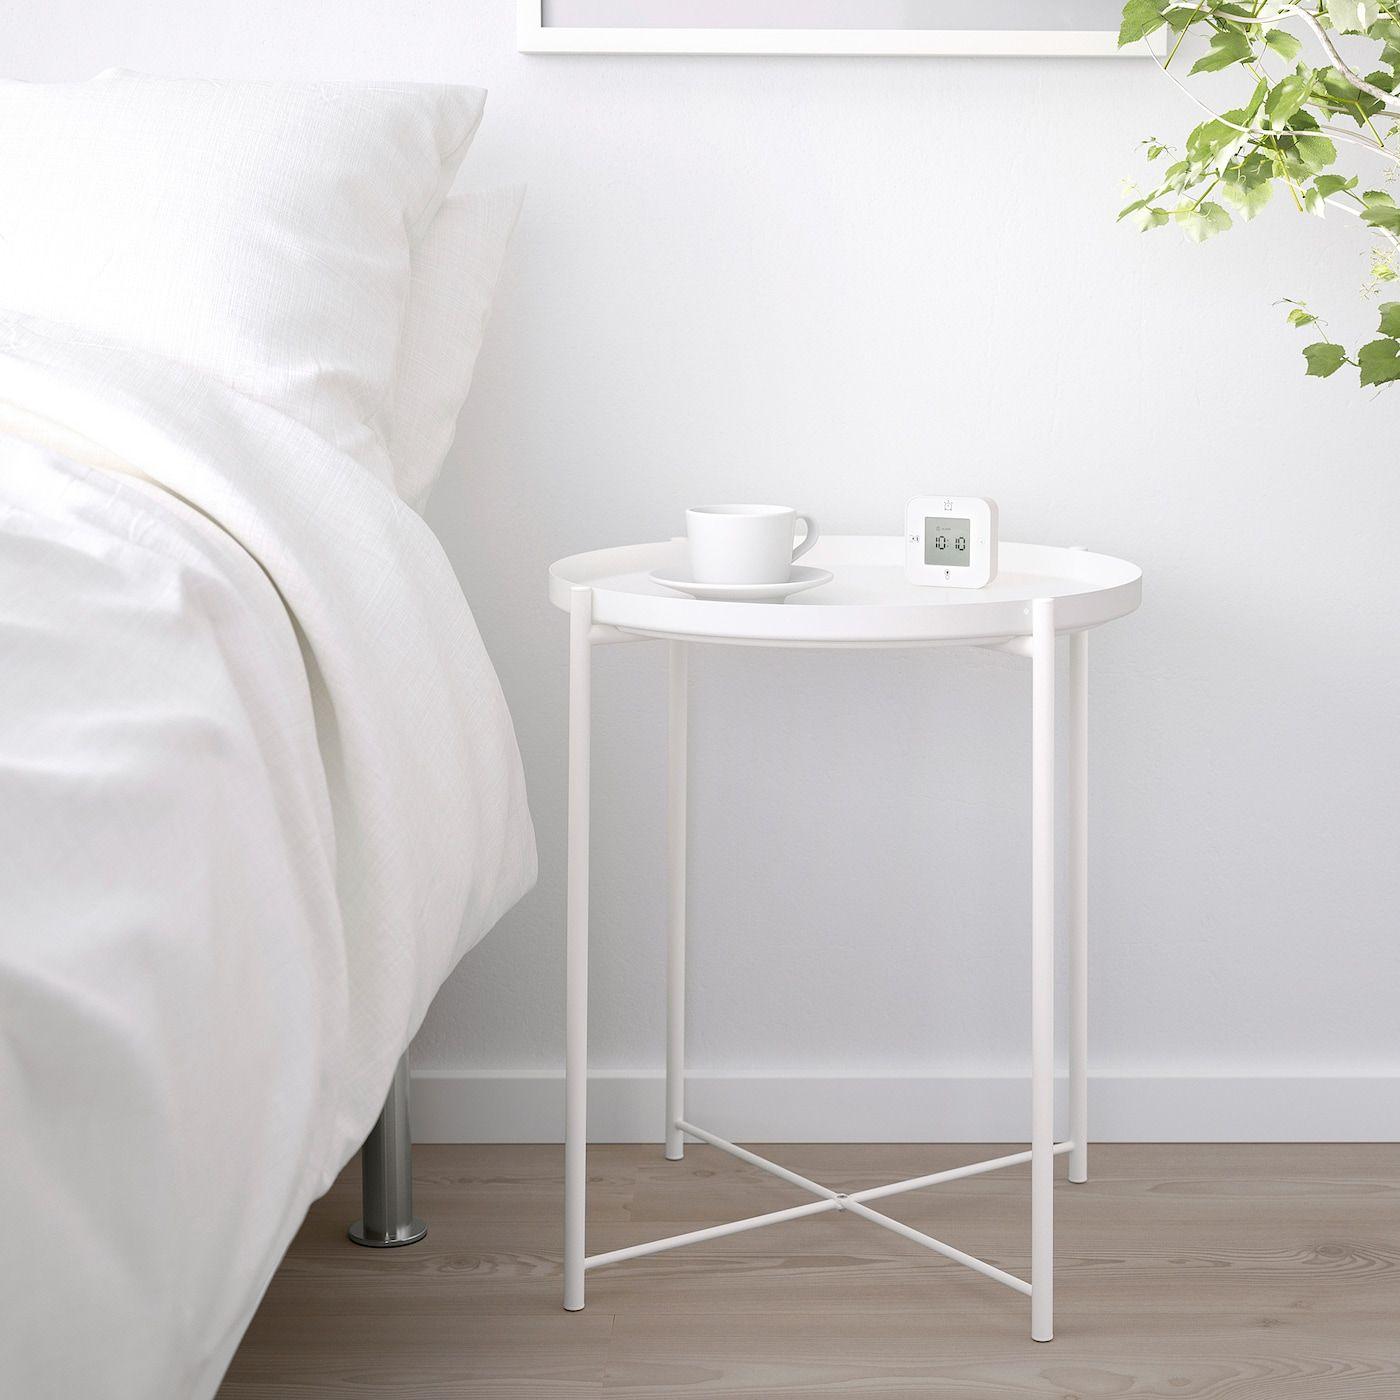 Gladom Tabletttisch Weiss In 2020 Tabletttisch Gladom Ikea Und